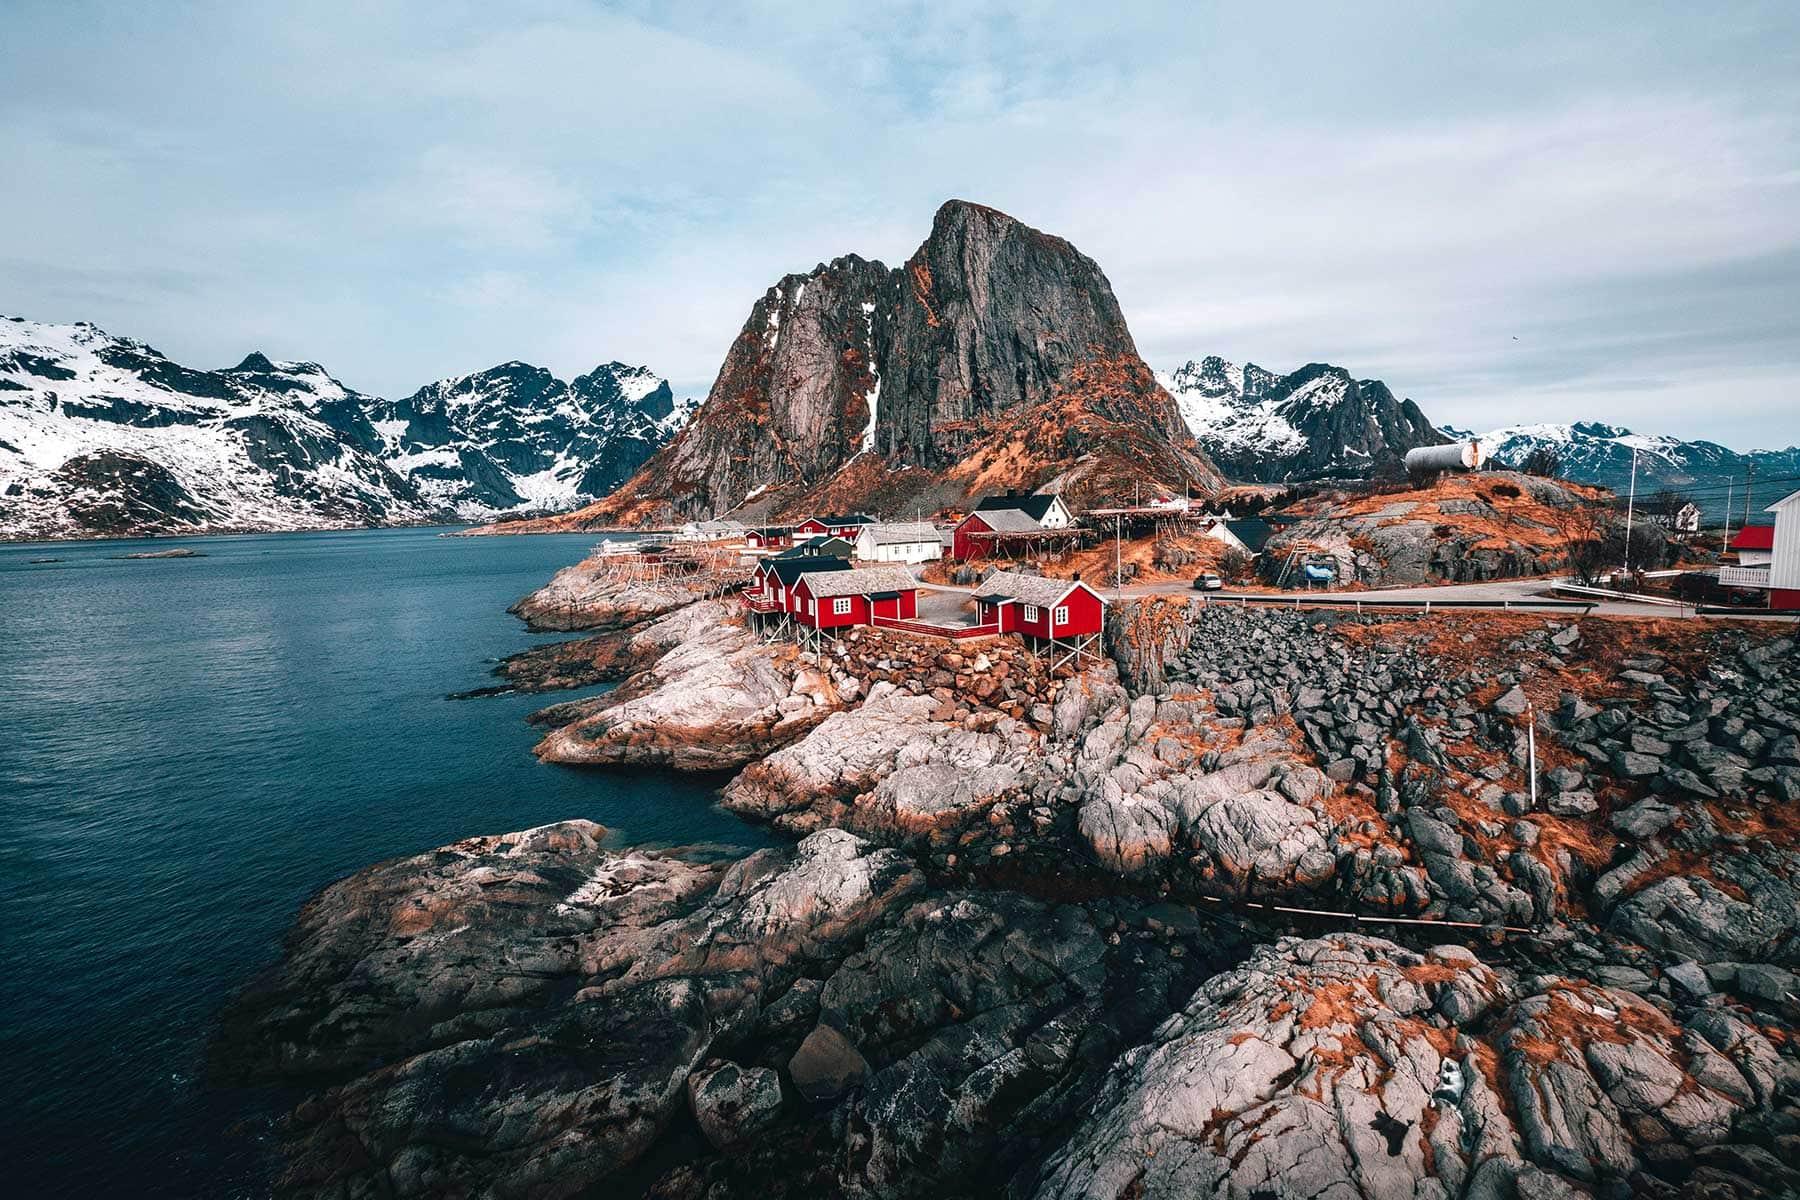 Resor-till-Lofoten-i-Norge---staden-vid-havet-Nygren-Lind-Resebyrå